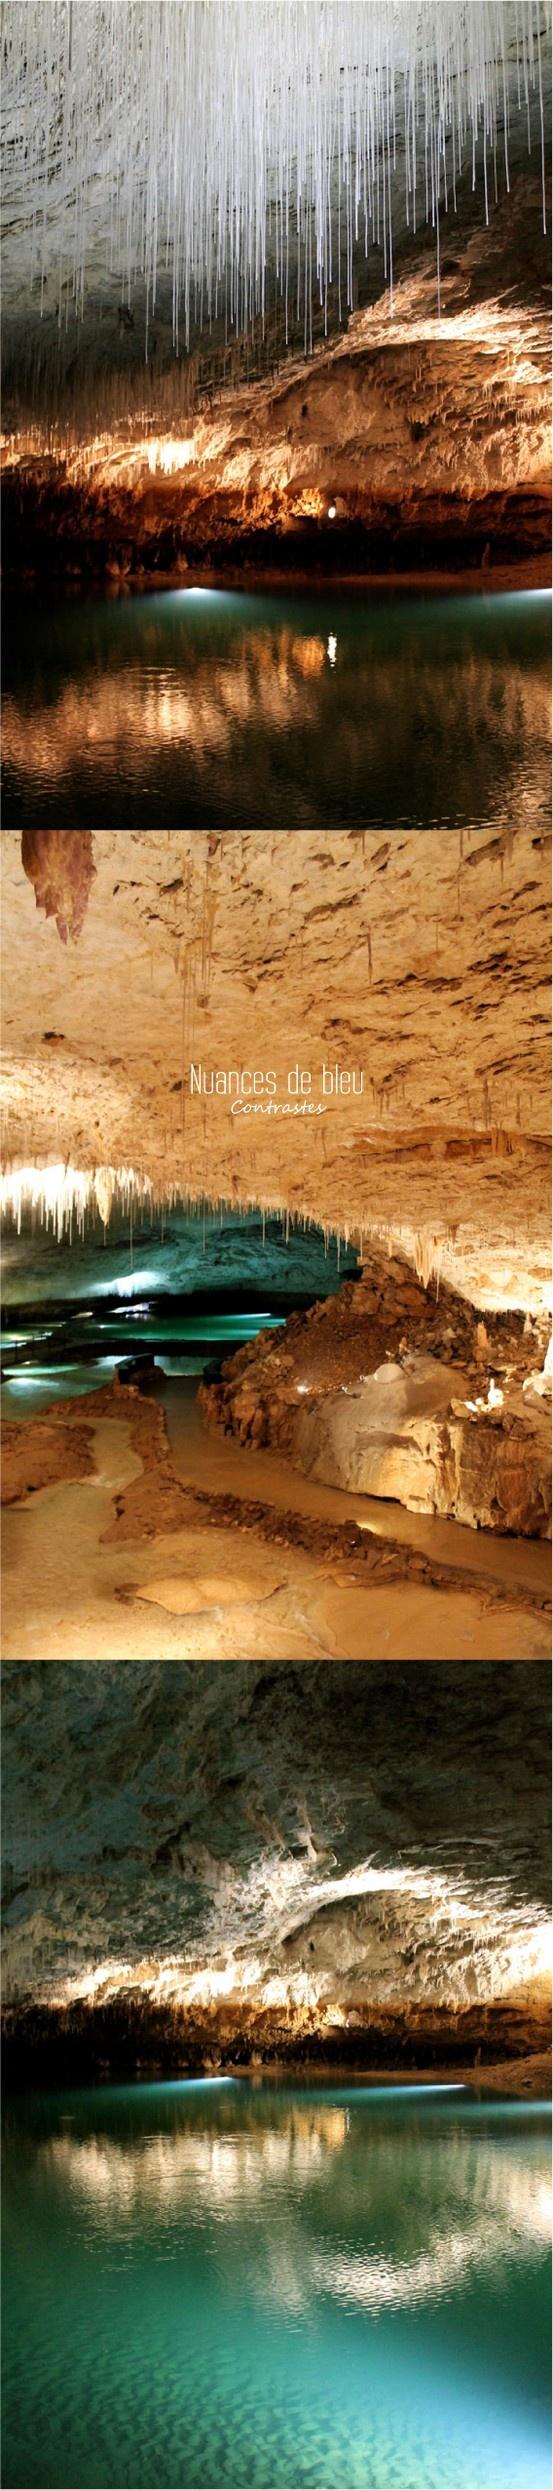 Grotte de Choranche : féérie souterraine. Drôme. France.